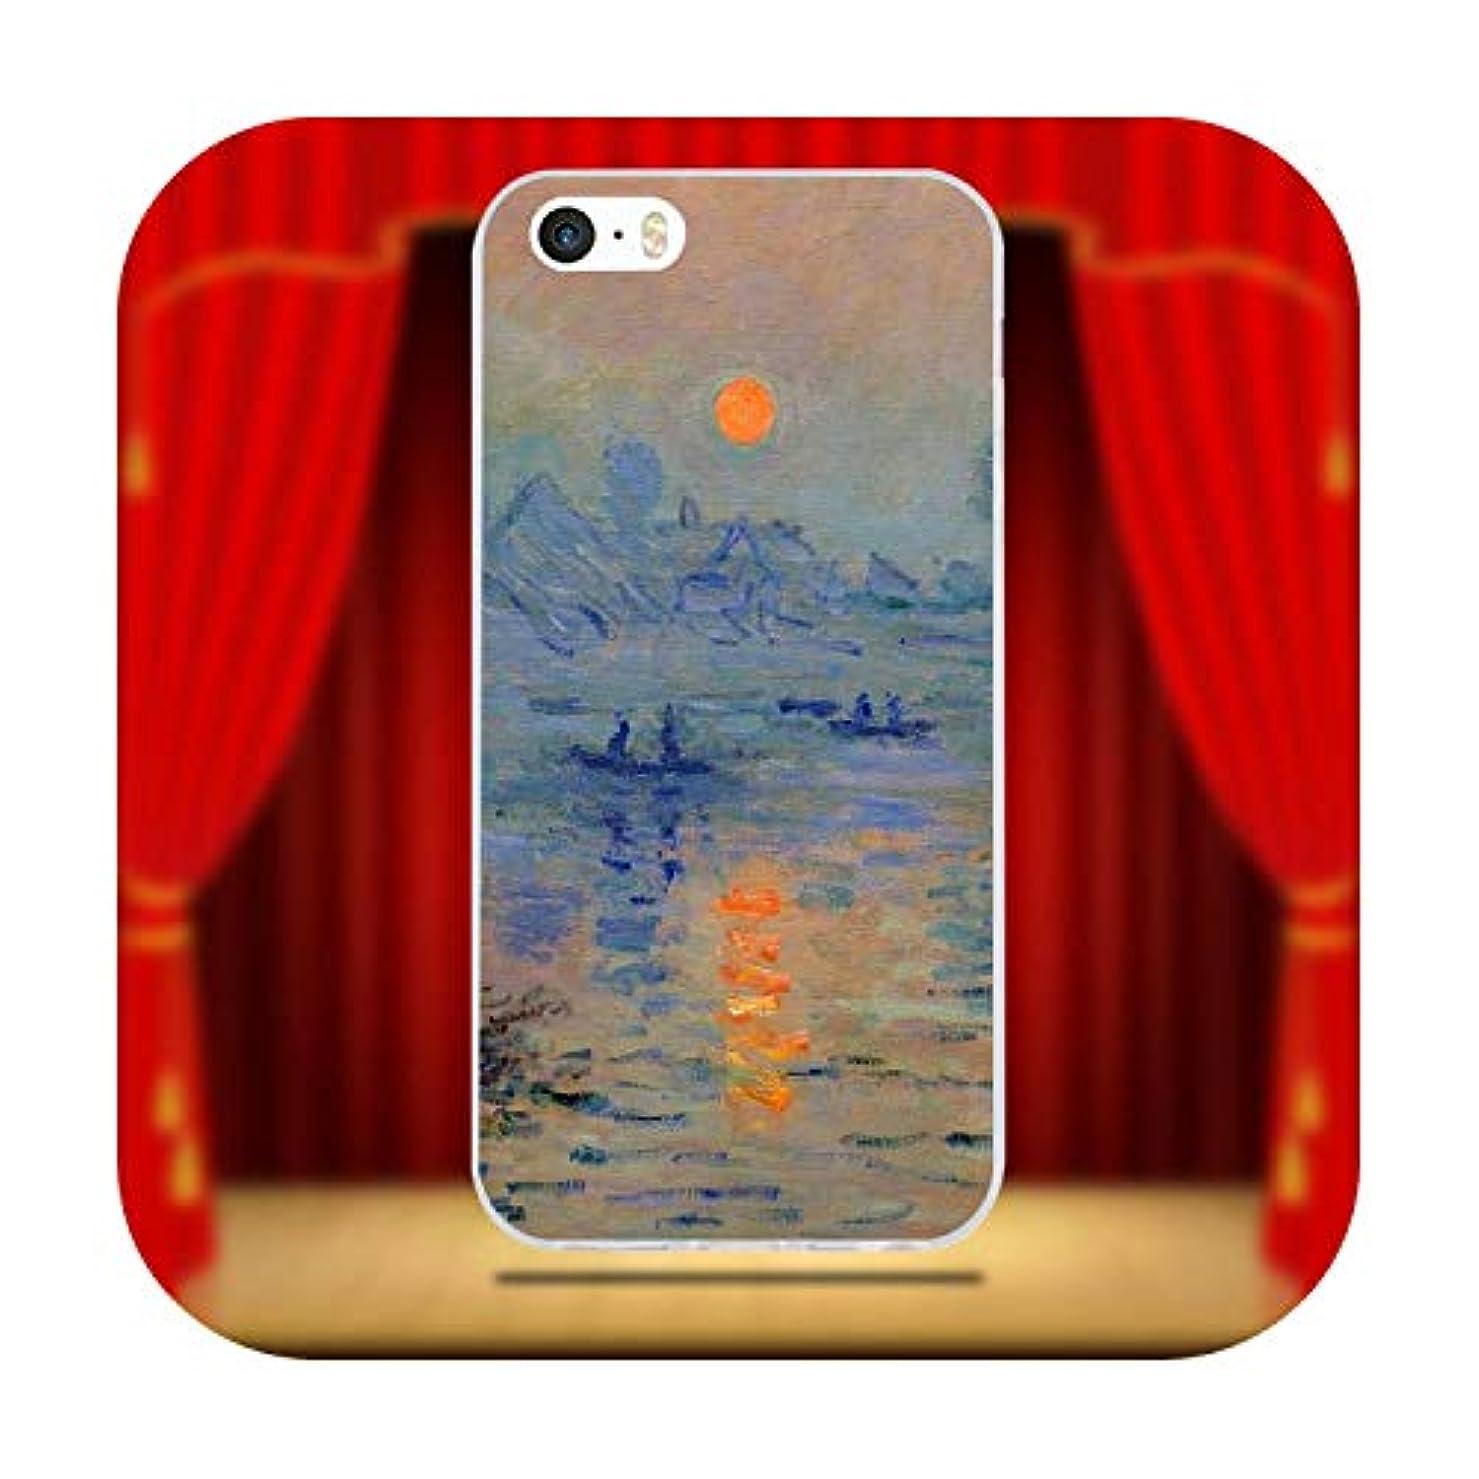 正統派遠近法乱暴なsexy-kawayi for iPhone 6 6S 7 8 Plus 4 5S 5C SE X Coque Fundas Shell用ソフトシリコンTPU透明ケースパターンクロード?モネ印象派-Picture 2-for iPhone 6 Plus